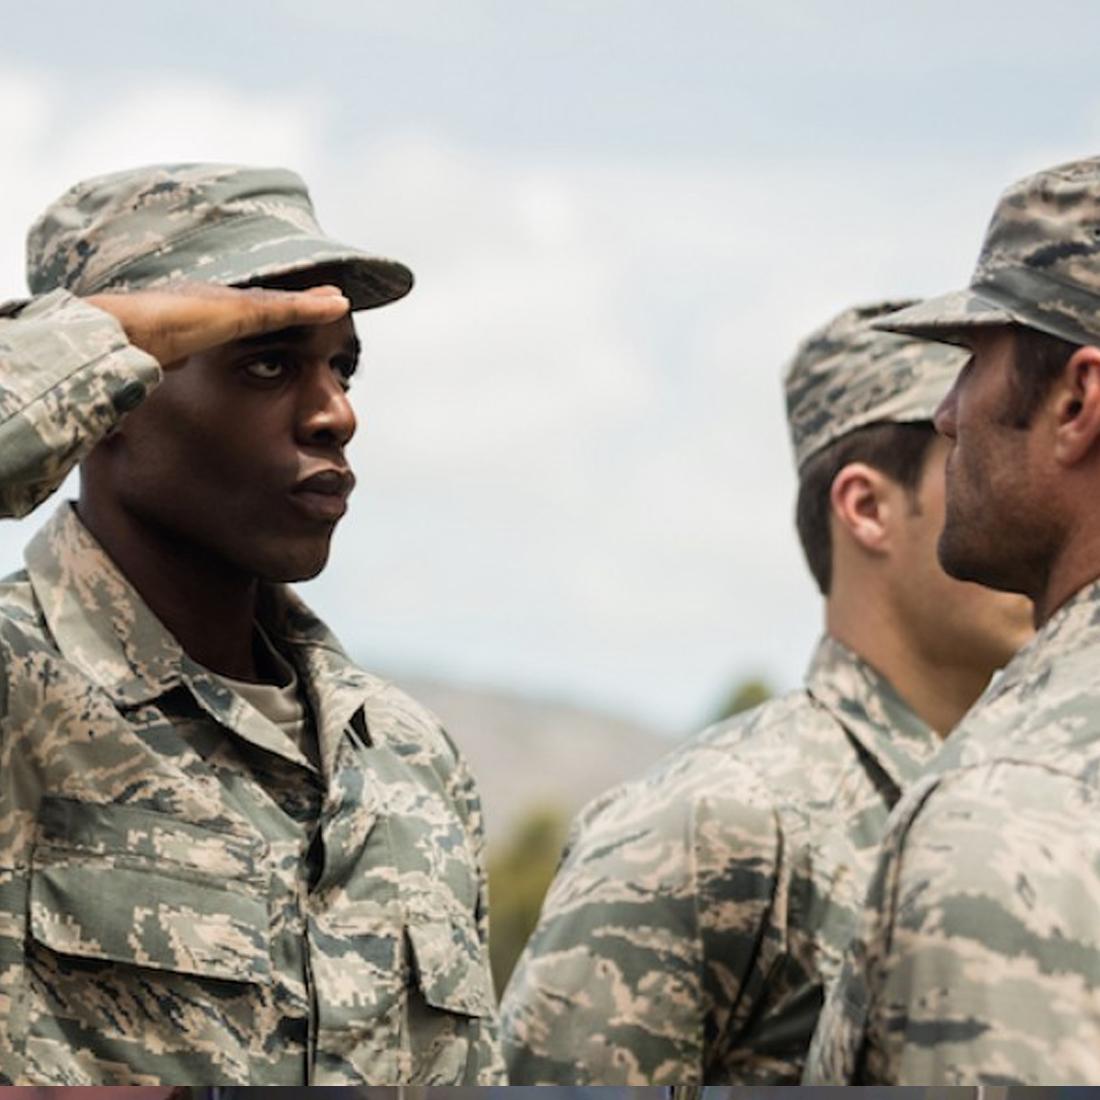 Veterans ramp up MMJ support